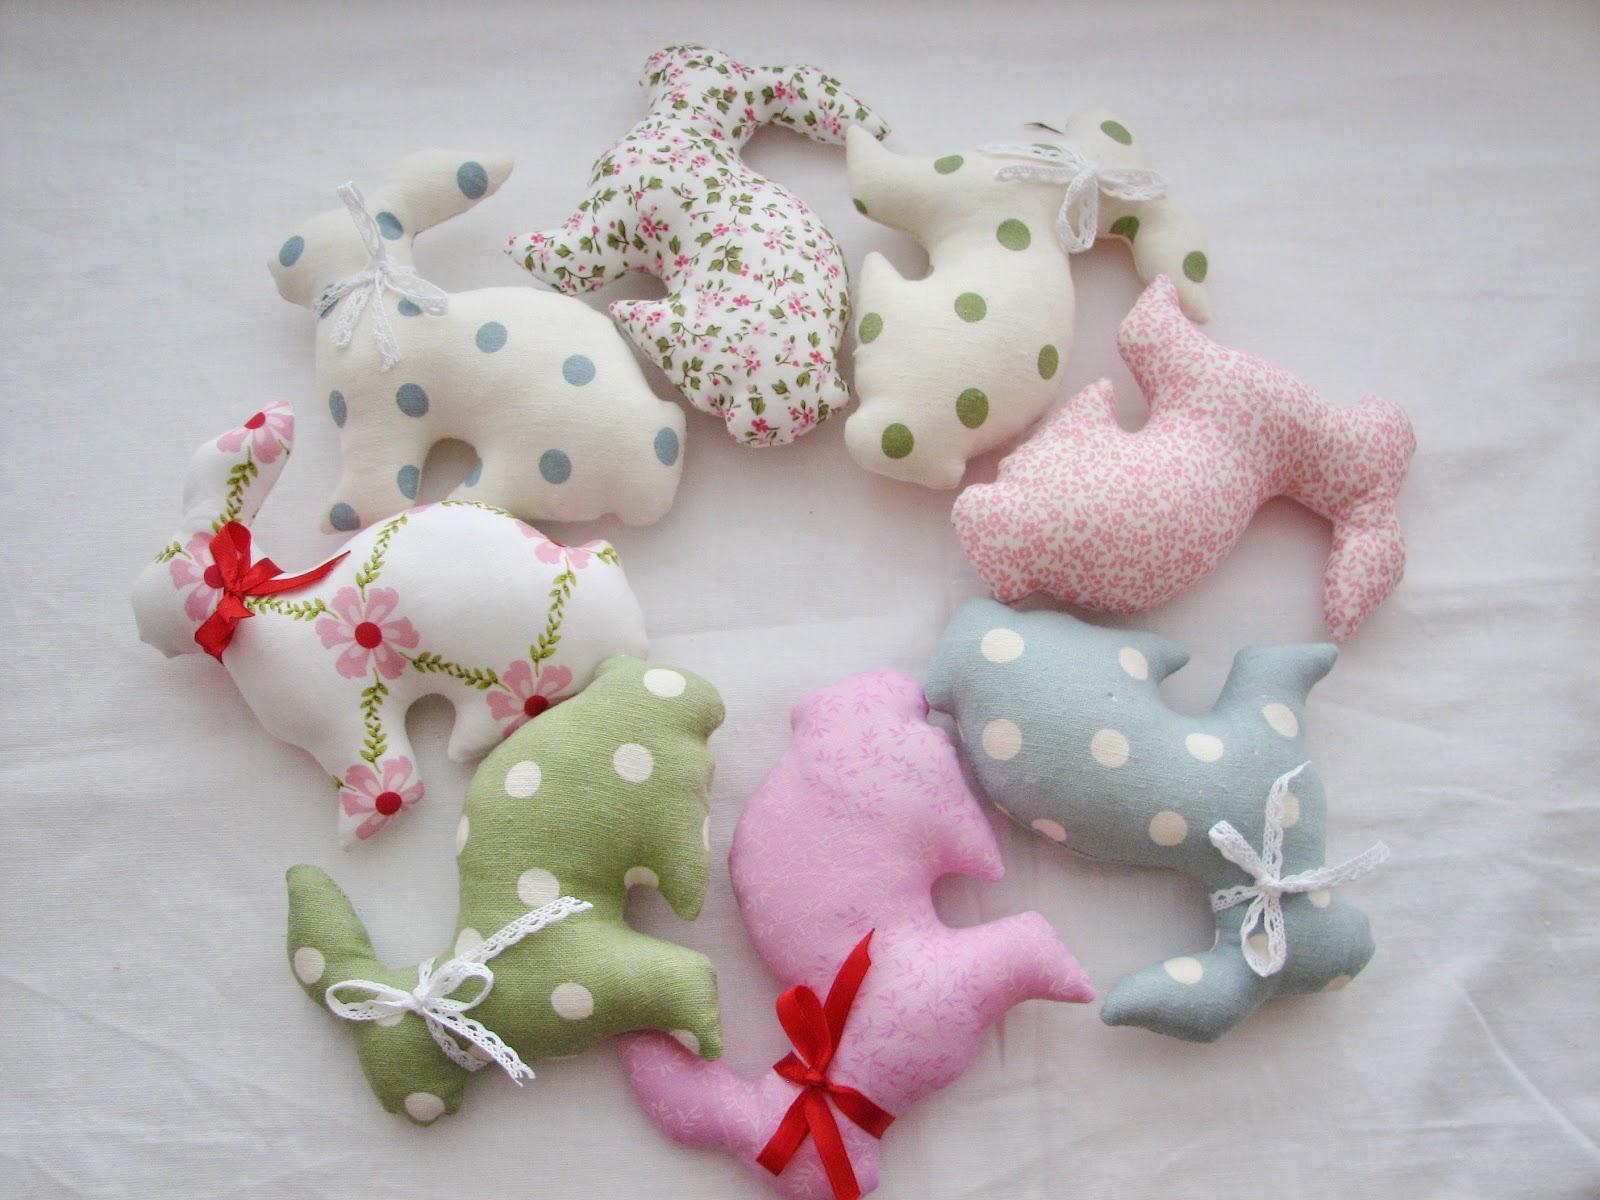 Текстильная игрушка своими руками мк 18